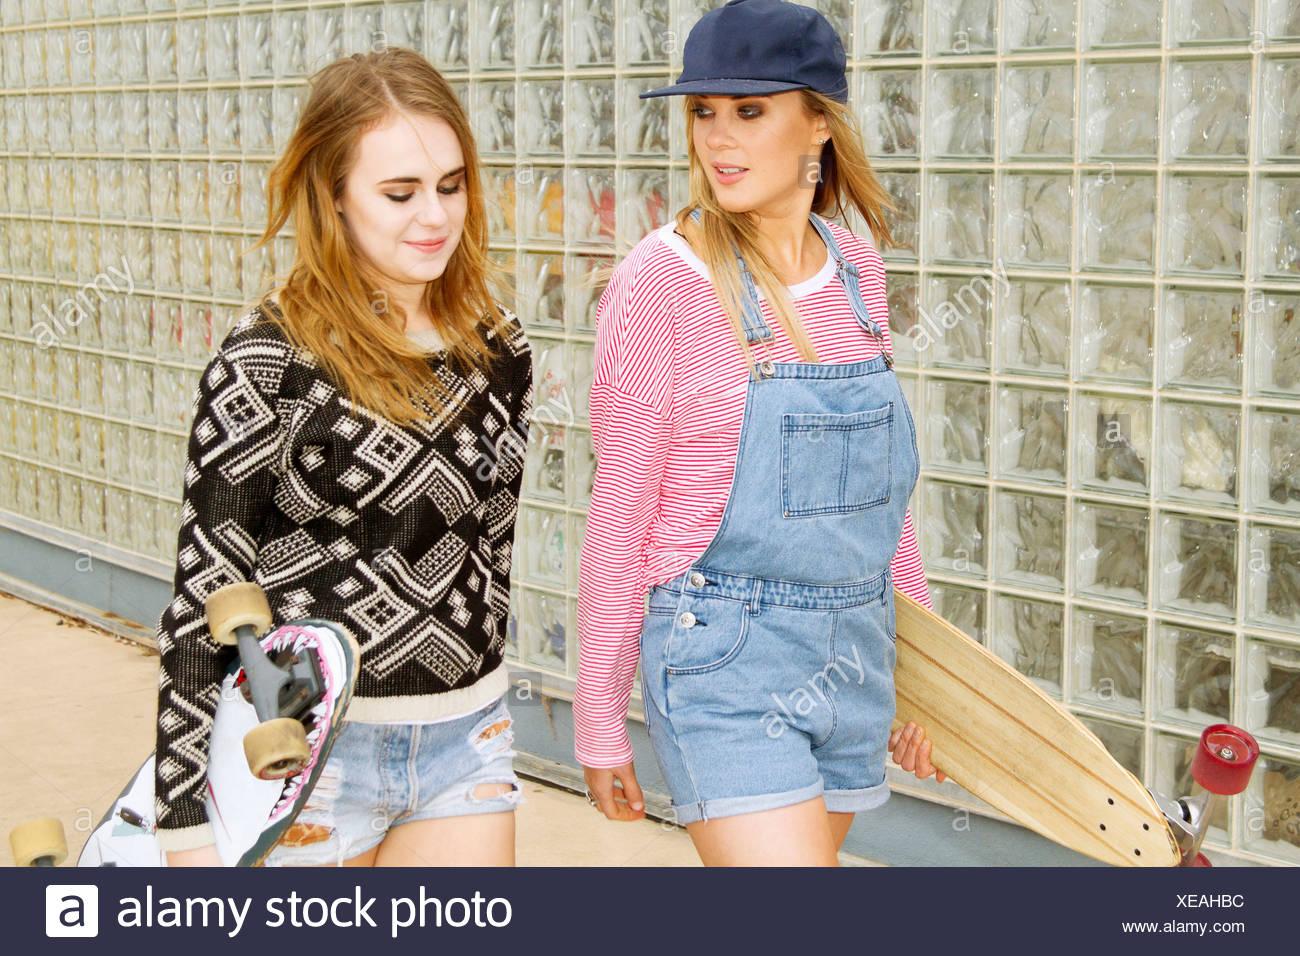 Dos jóvenes mujeres que llevaban skateboards junto a una pared de cristal Imagen De Stock